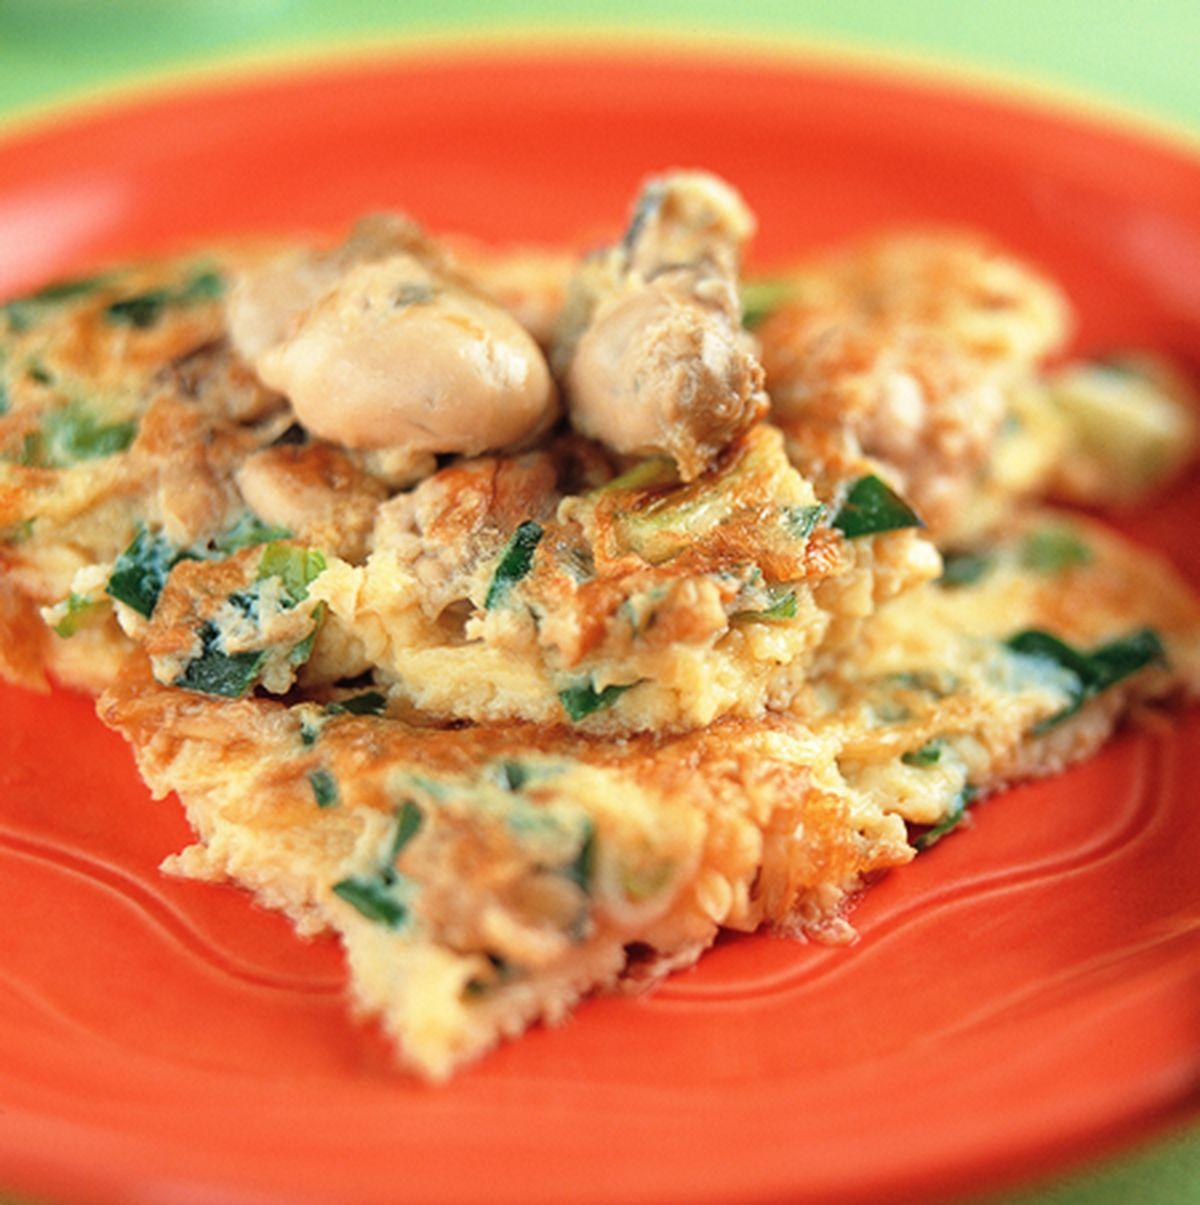 食譜:鮮蚵煎蛋